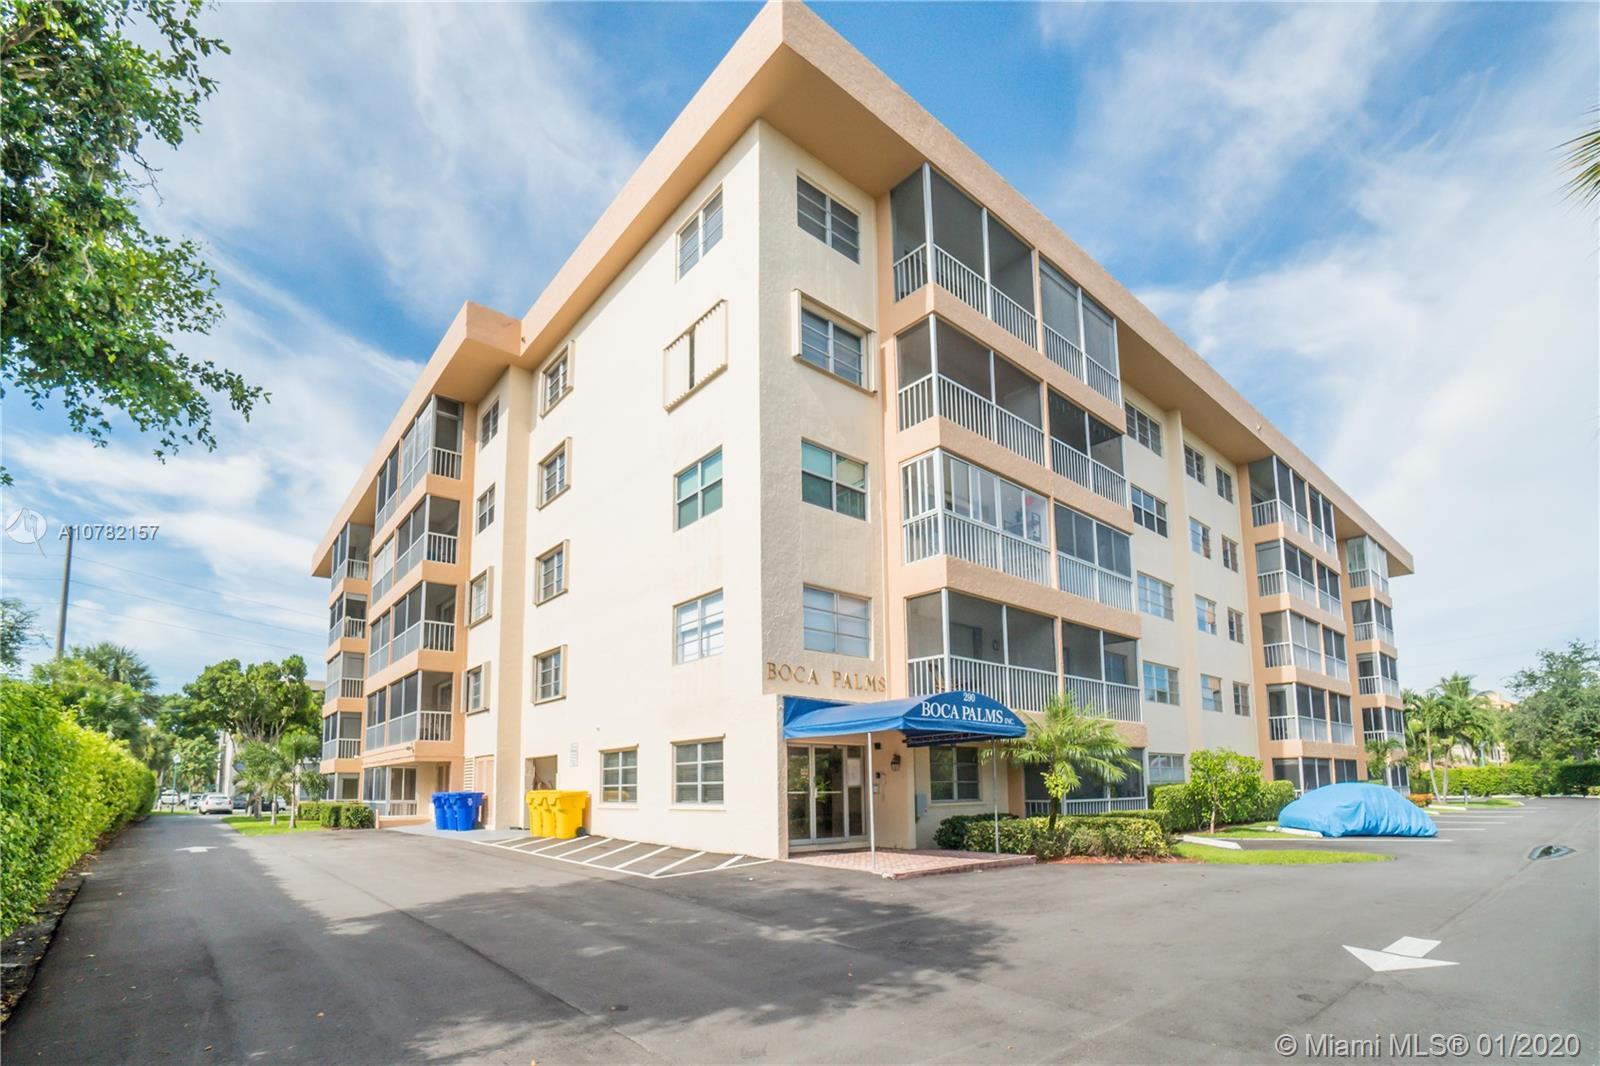 290 W Palmetto Park Rd 410, Boca Raton, FL 33432